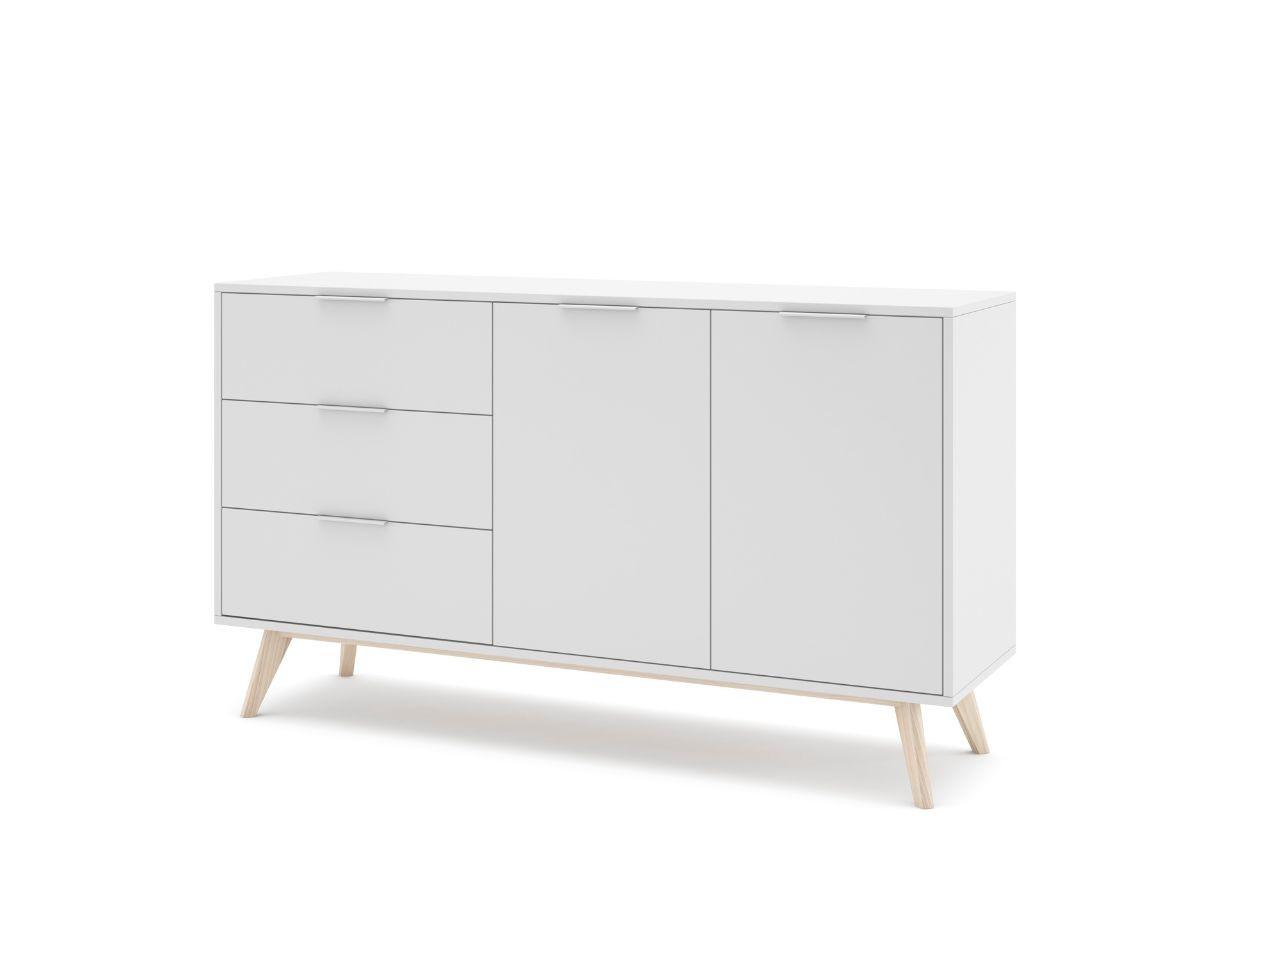 Genial mesas baratas de comedor fotos mesas usadas de for Mesas para comedor baratas